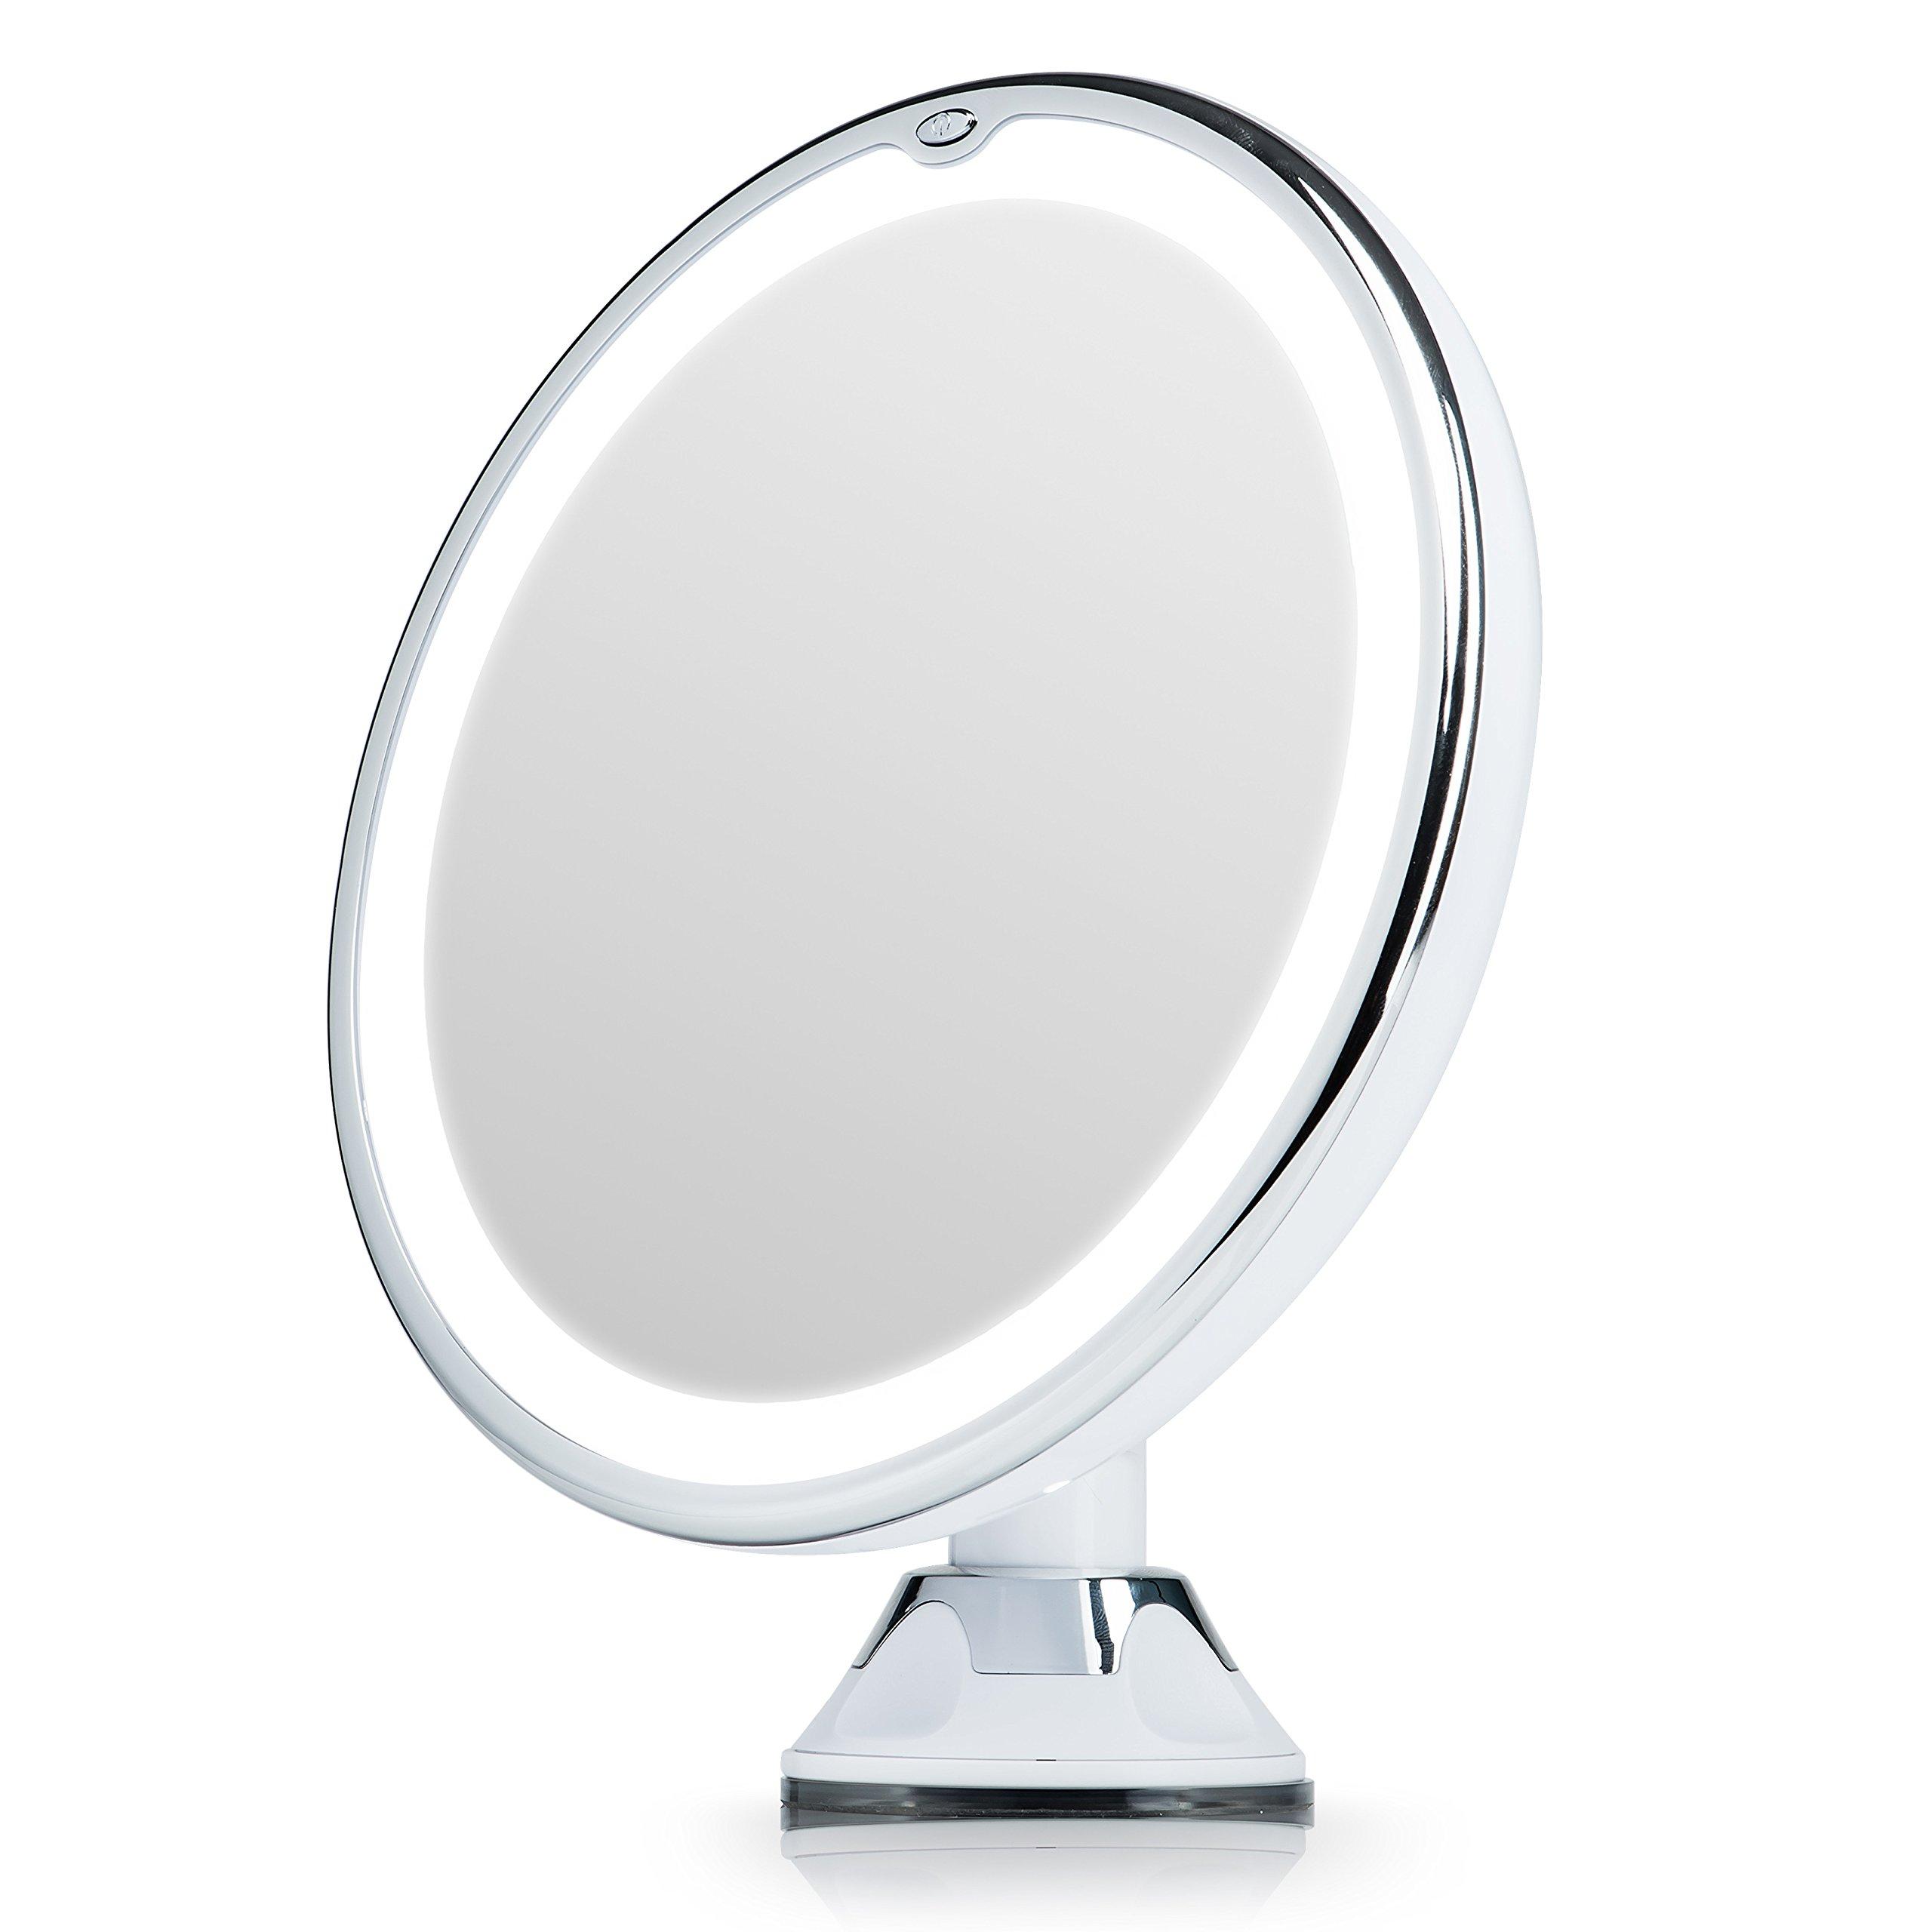 Haut Pflege Werkzeuge Offen Für Mädchen Ultra-dünne Machen Up Tasche Spiegel Kosmetische Platz Kreis Faltbare Doppel Seite Make-up Spiegel Geschenk Acryl